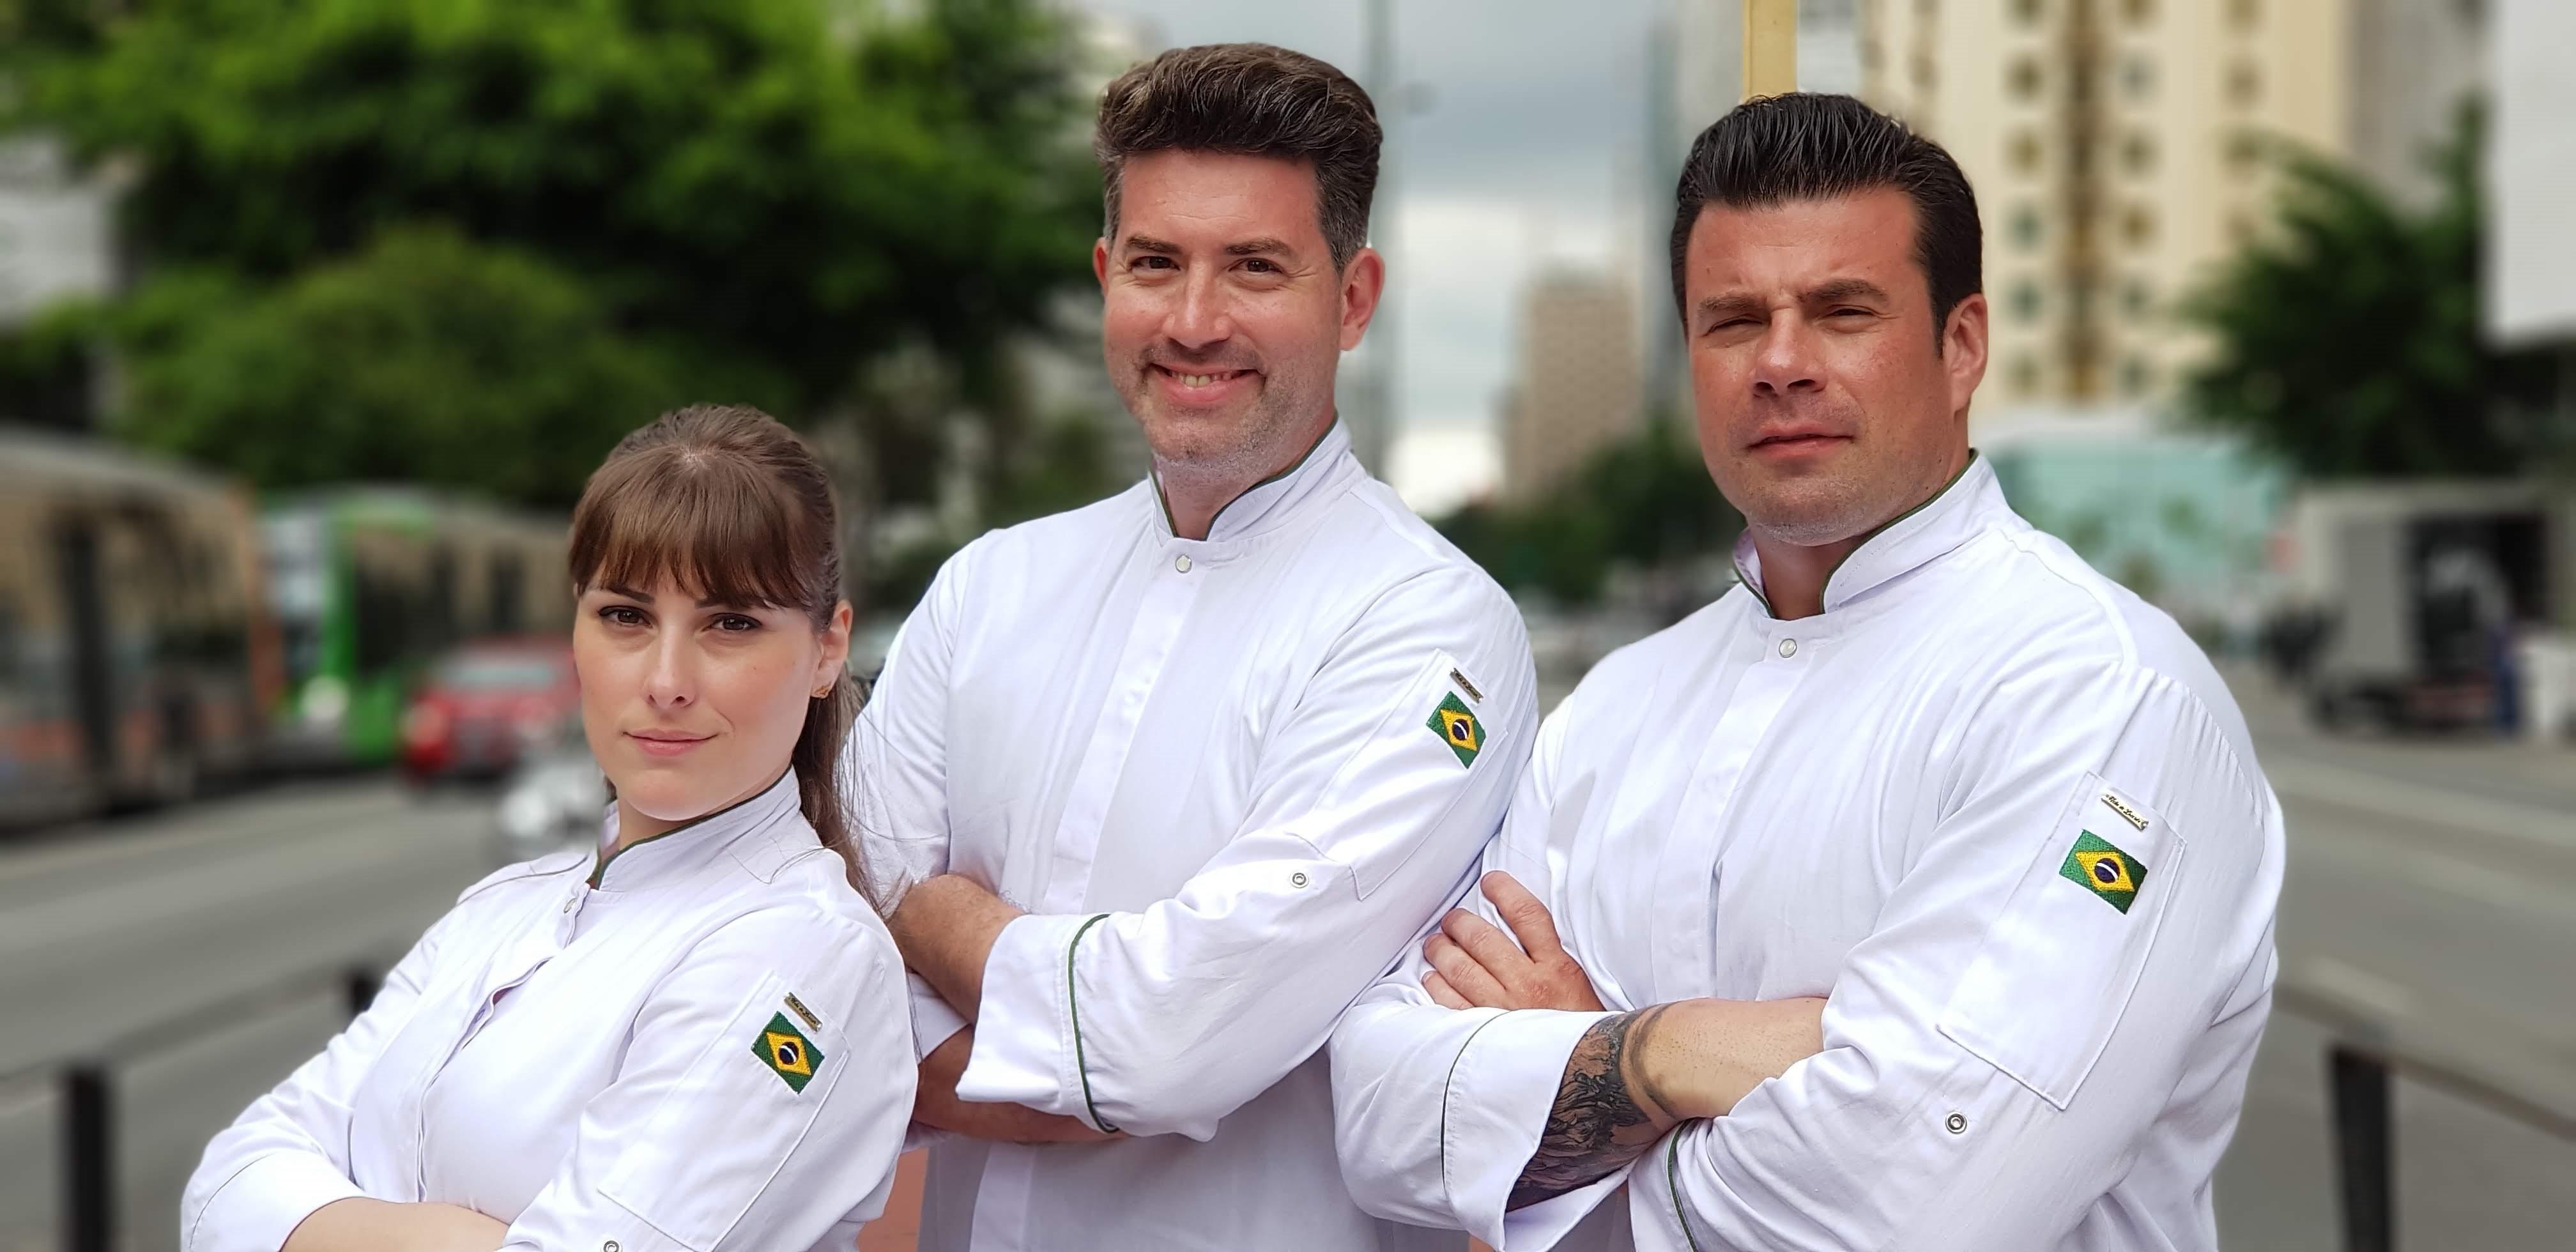 Ale Peruzzo, Rick Zavala e José Negreiros (Foto: Divulgação)